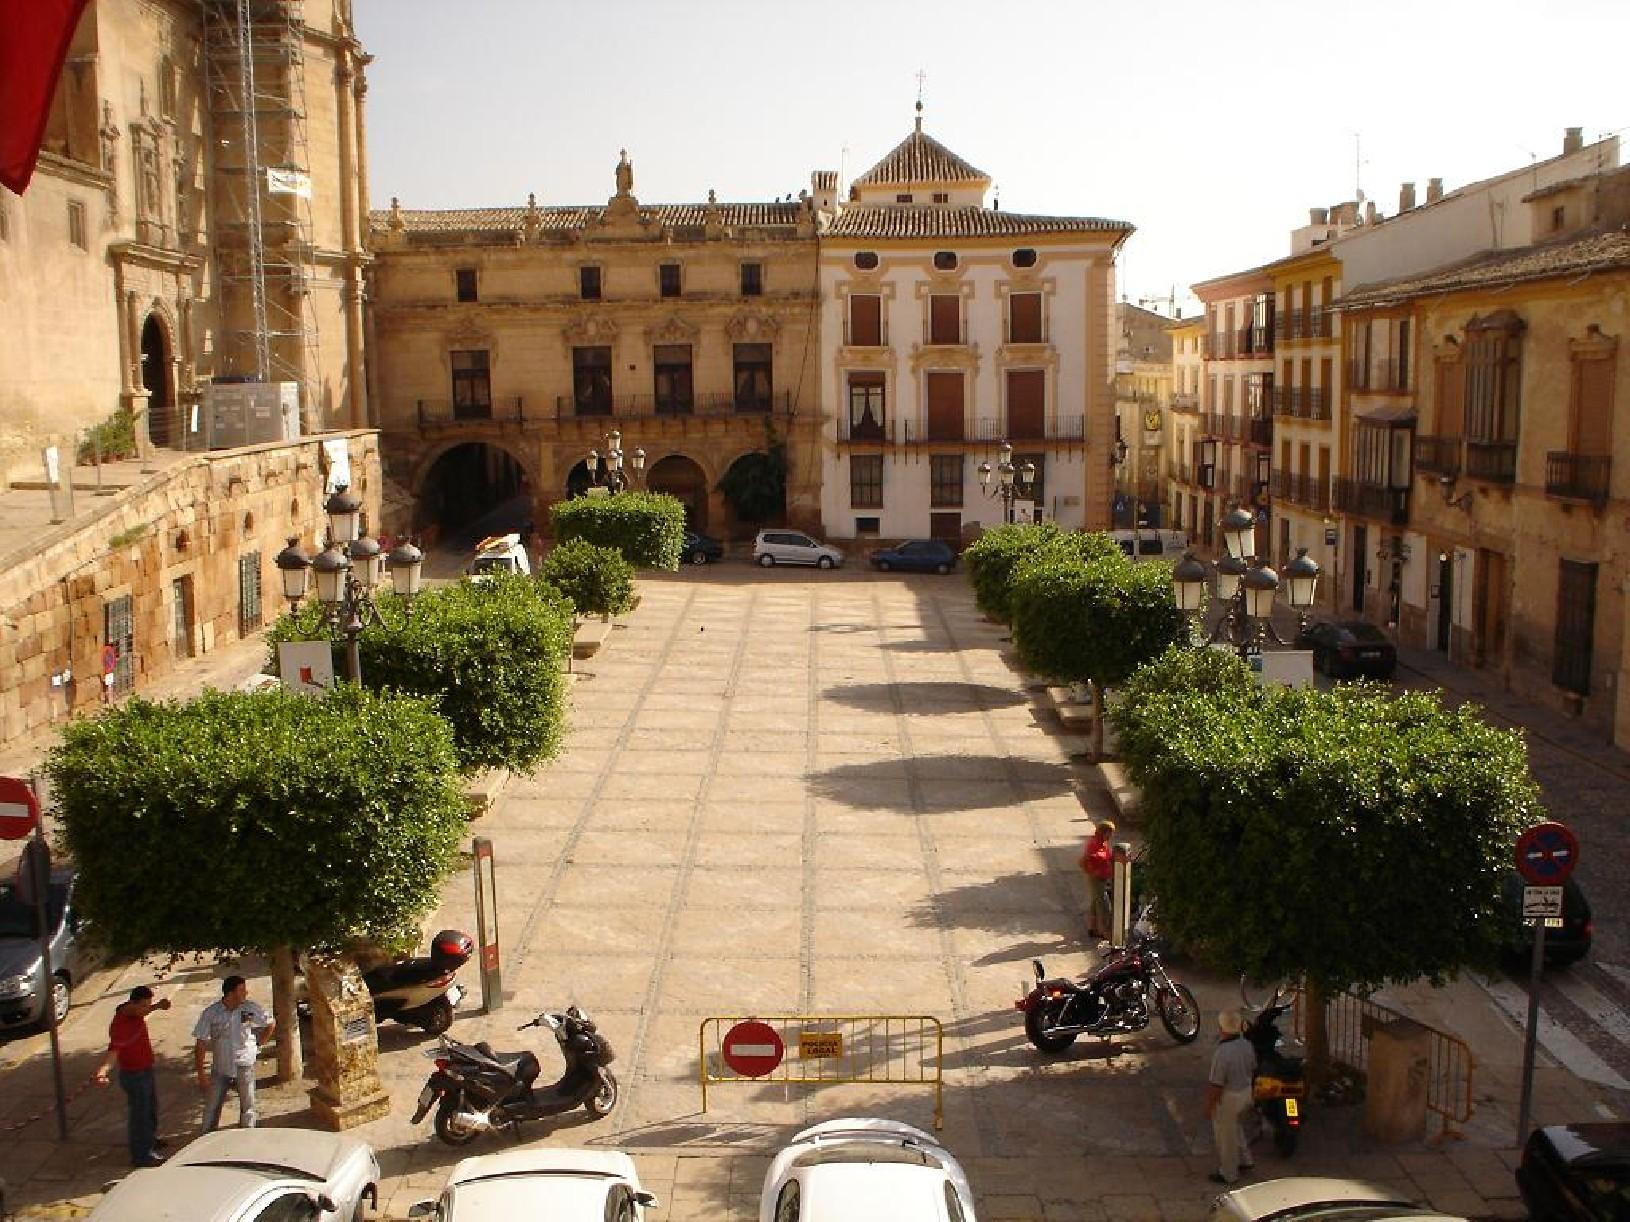 Obras p blicas financia el acondicionamiento de la plaza - Lorca murcia fotos ...